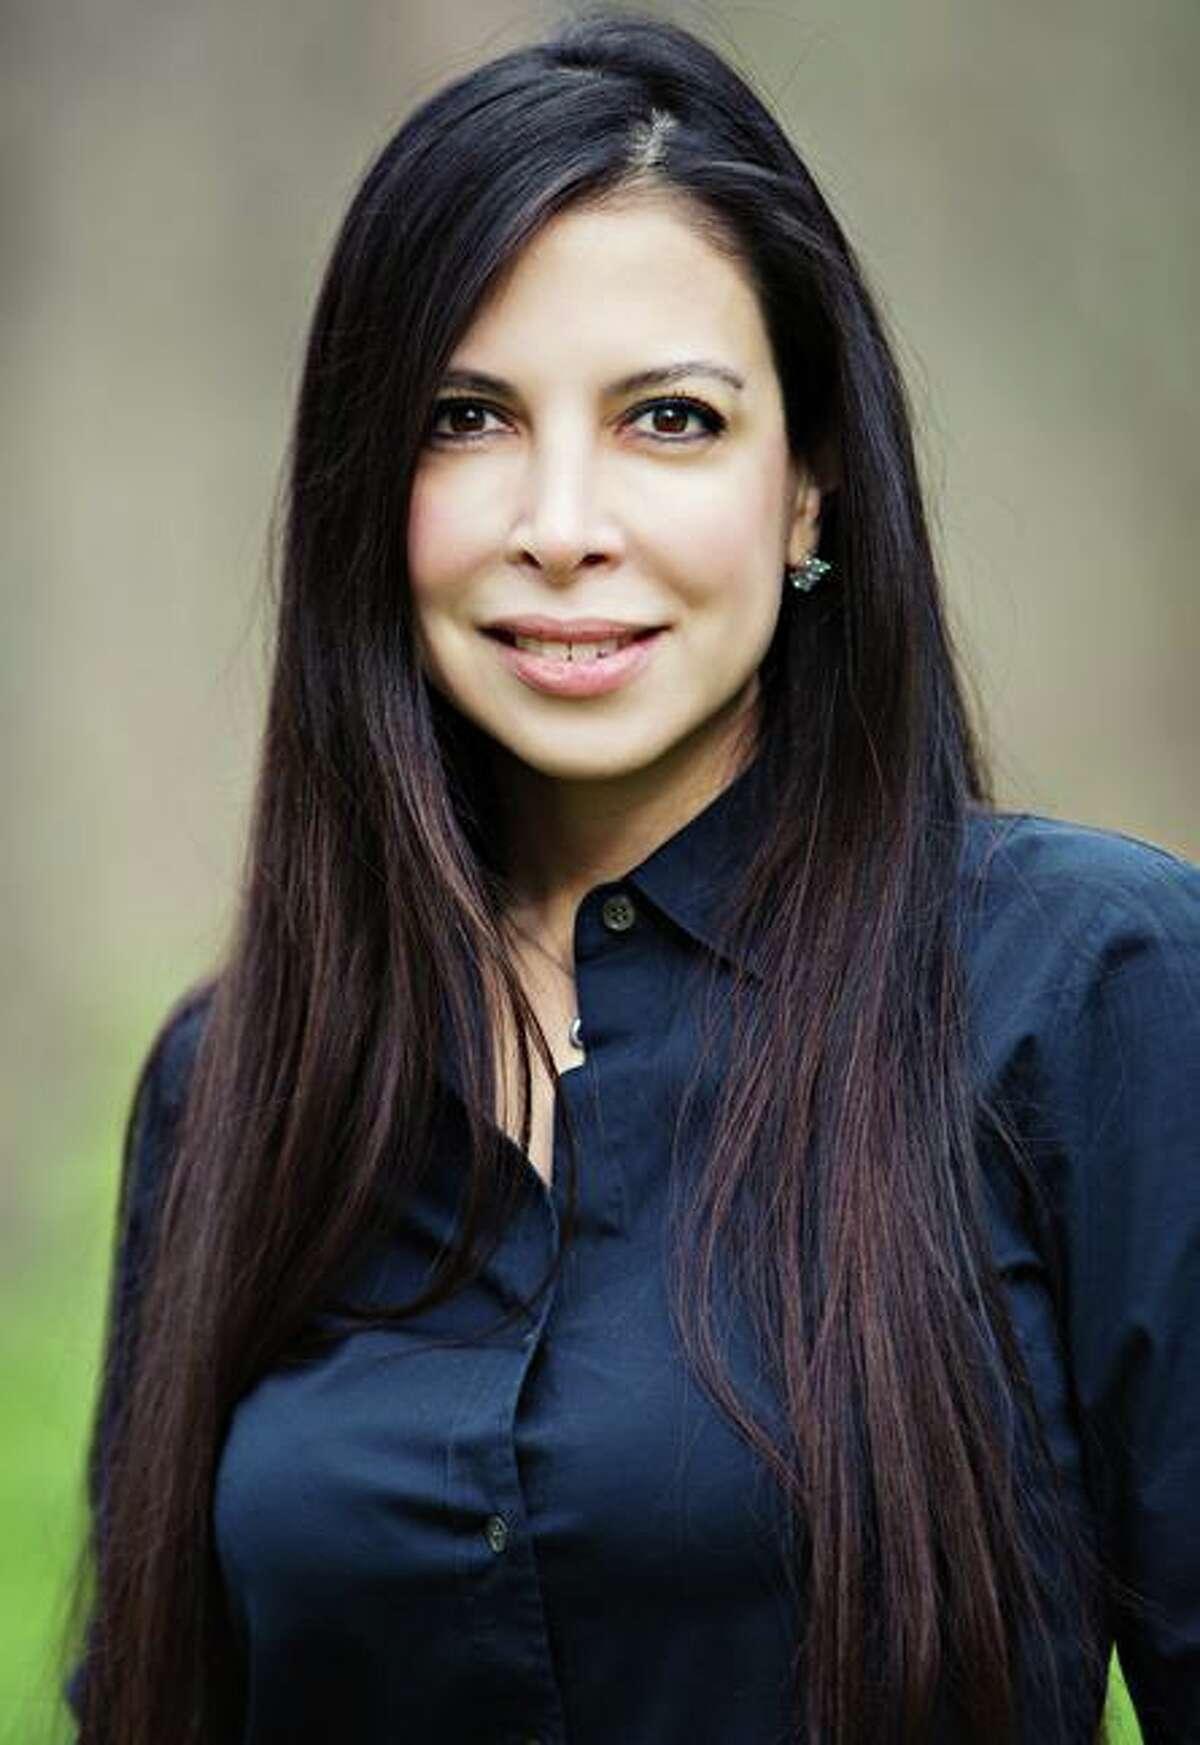 Arcelia Trevino